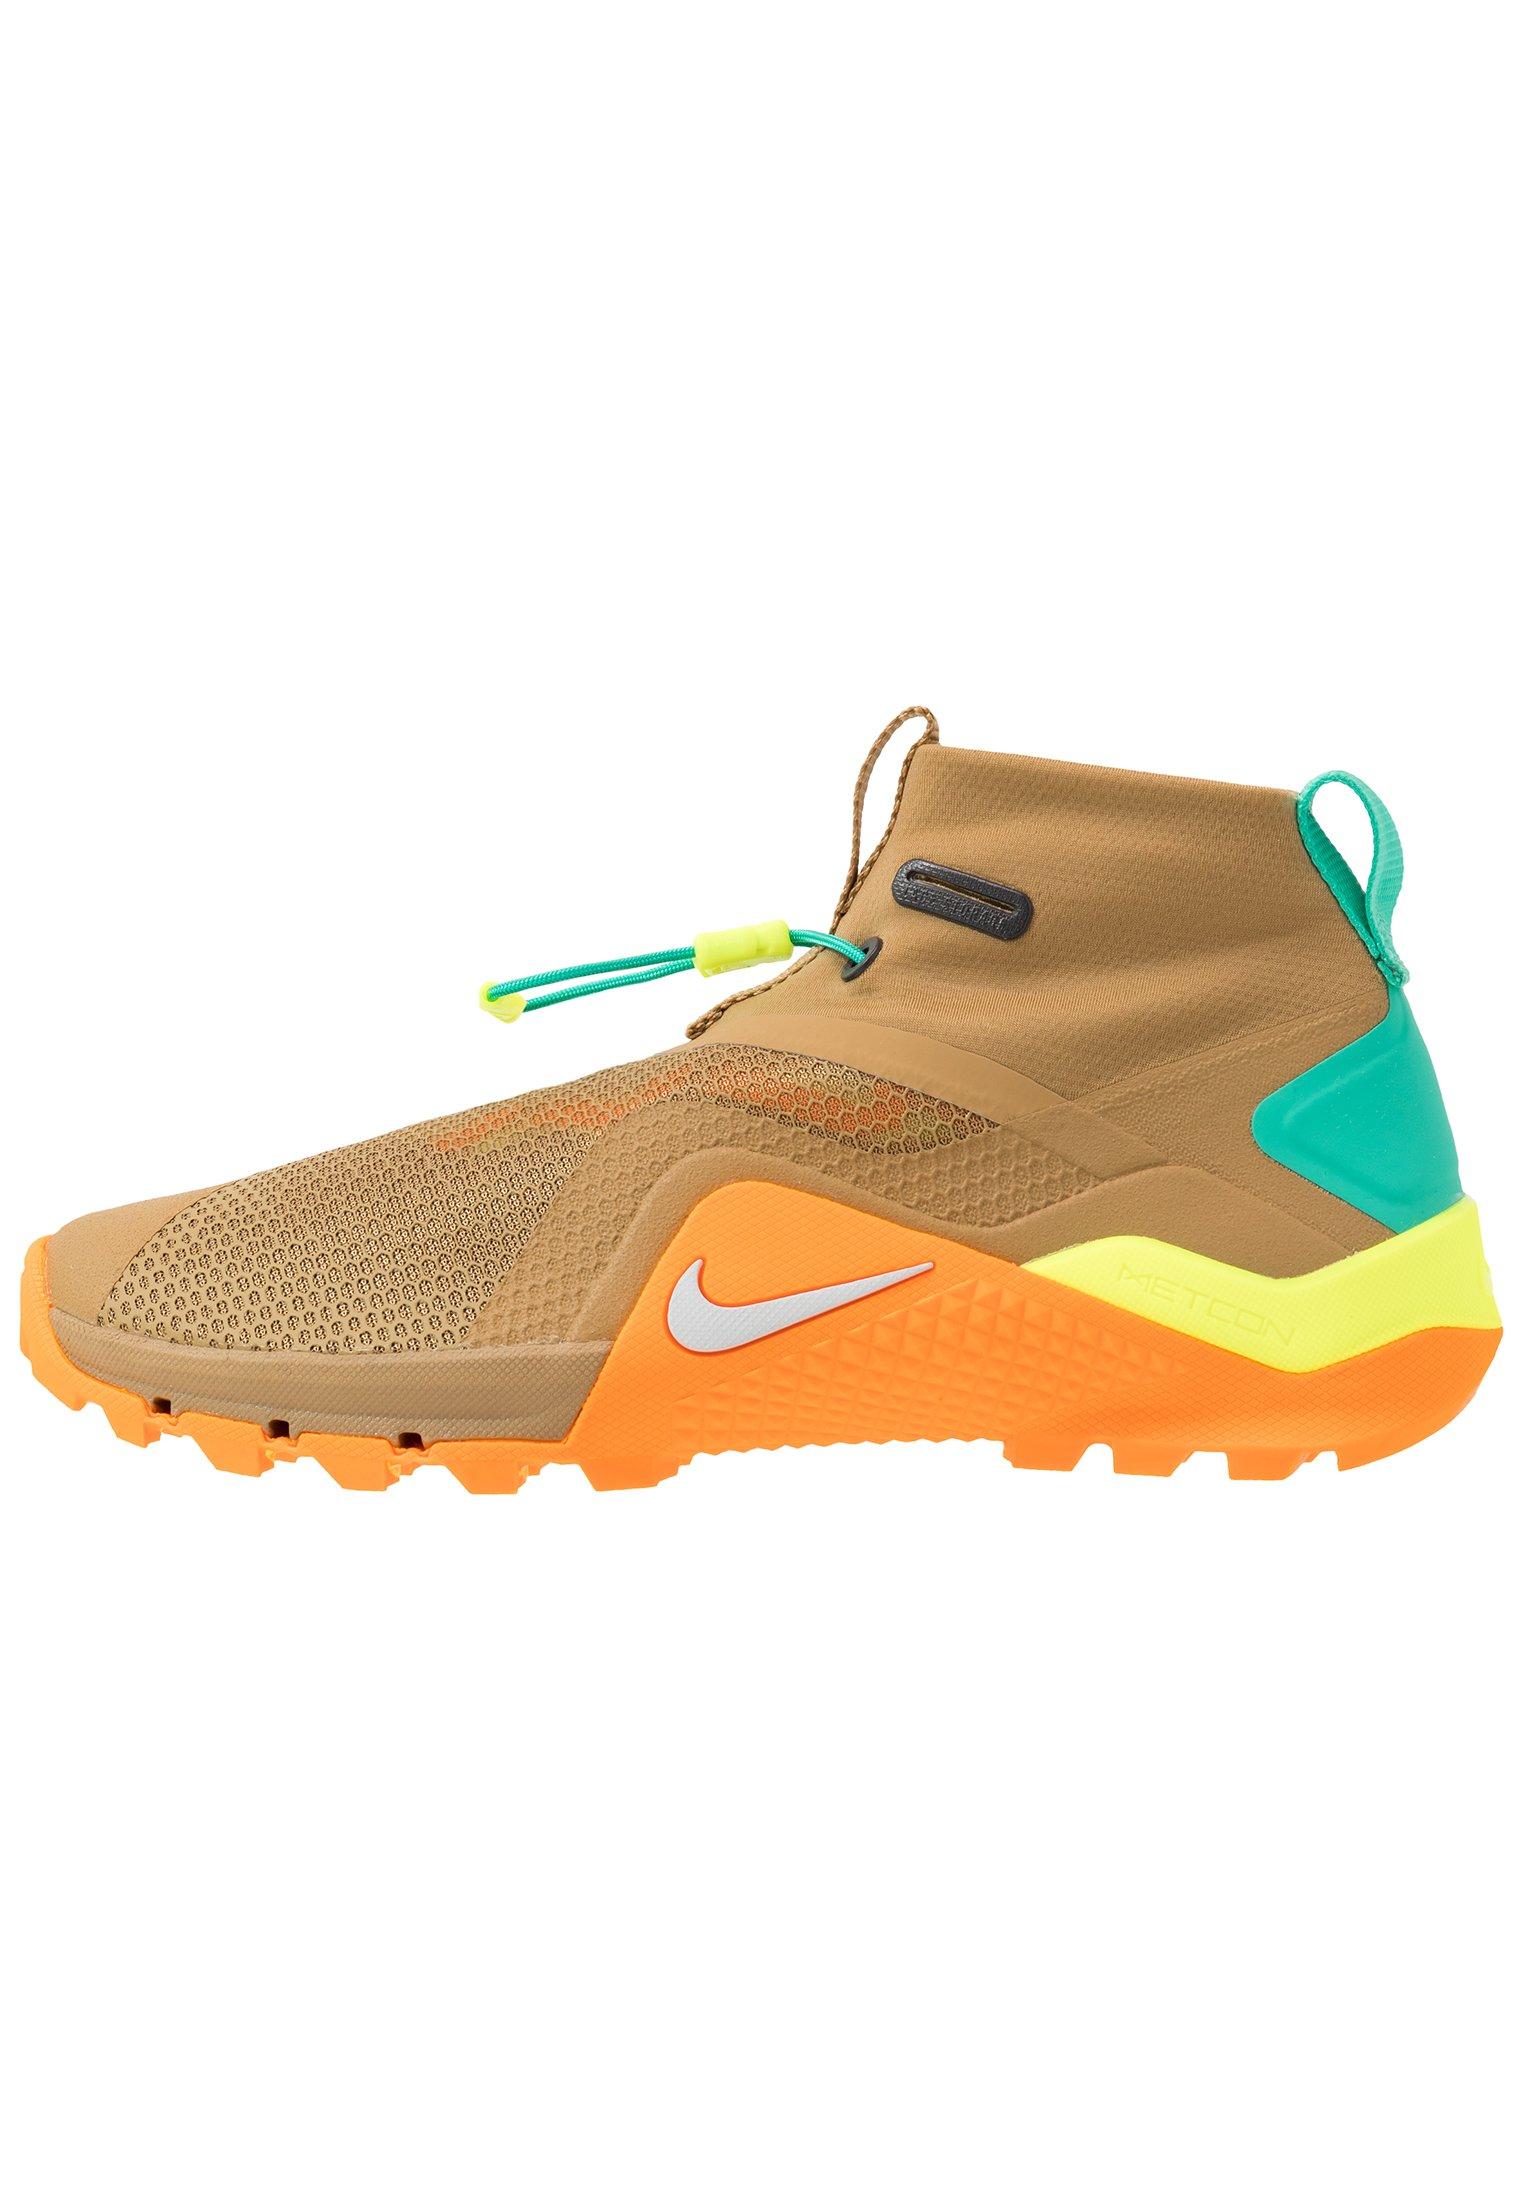 METCON X SF Chaussures de running beechtreepure platinumbrown